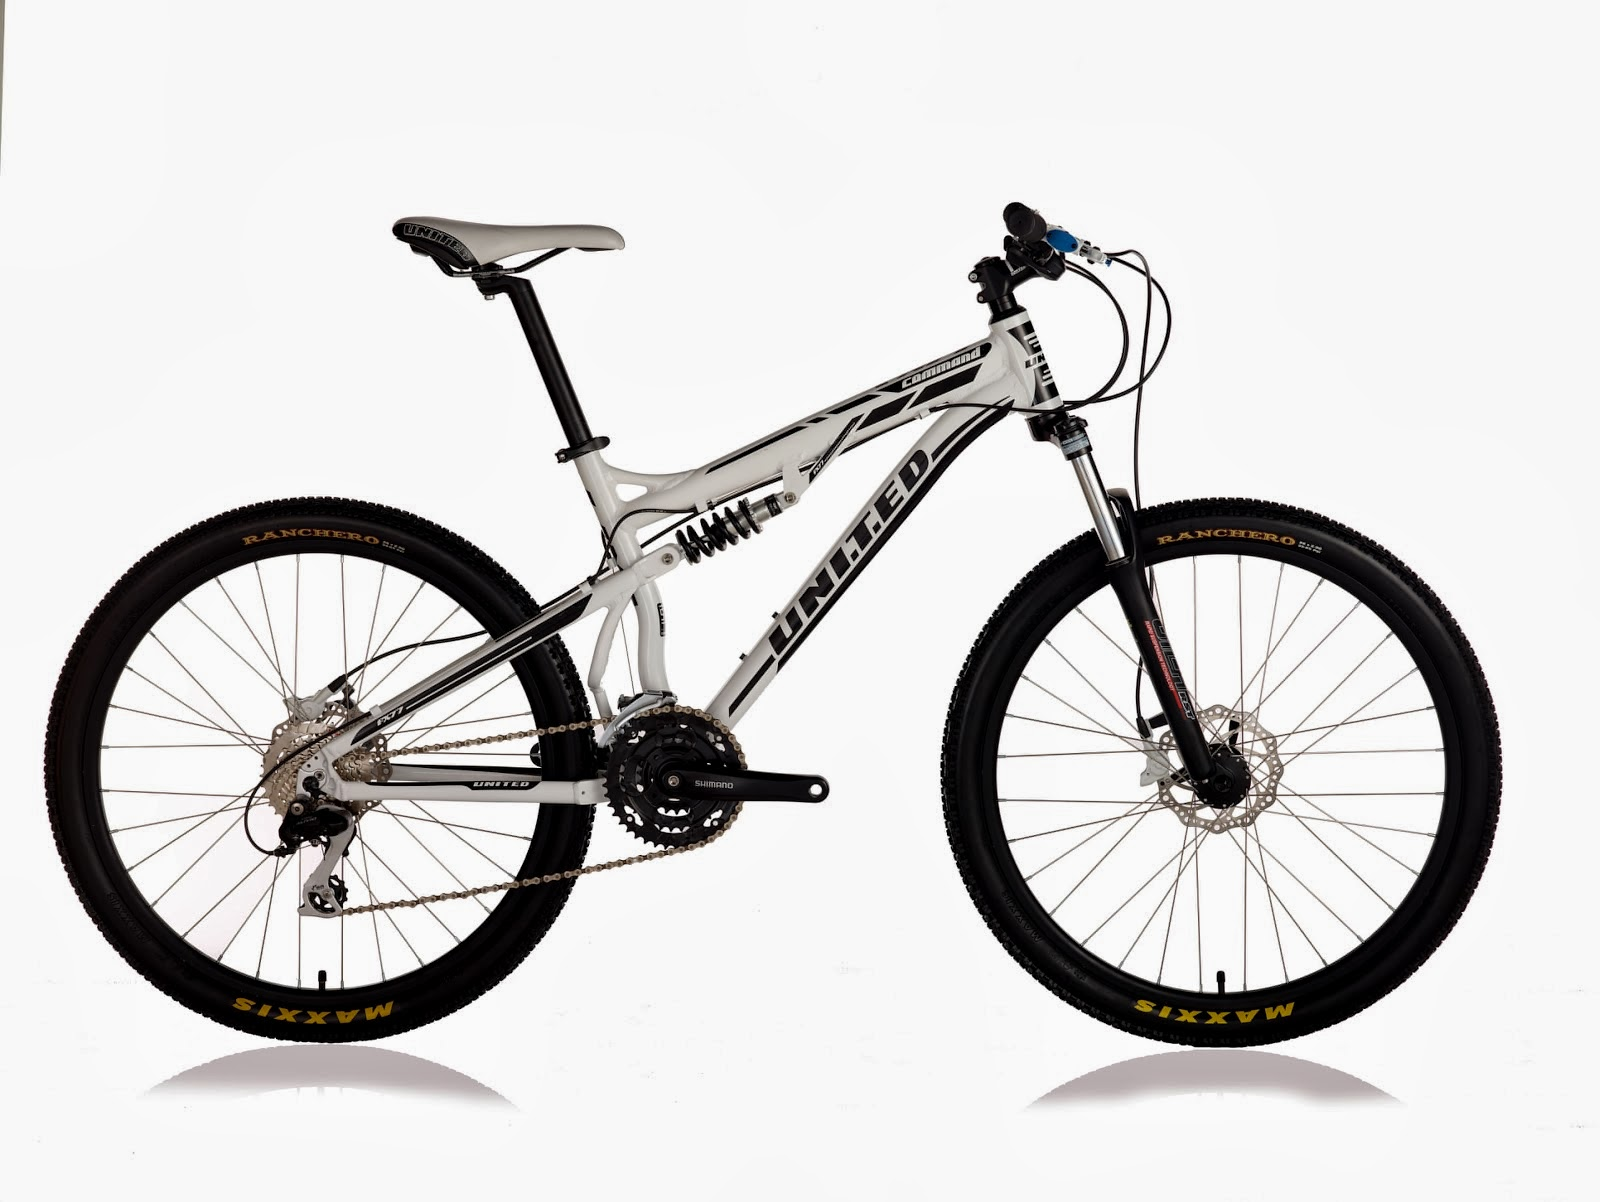 Daftar Harga Sepeda United Murah Terbaru Update | Merpati